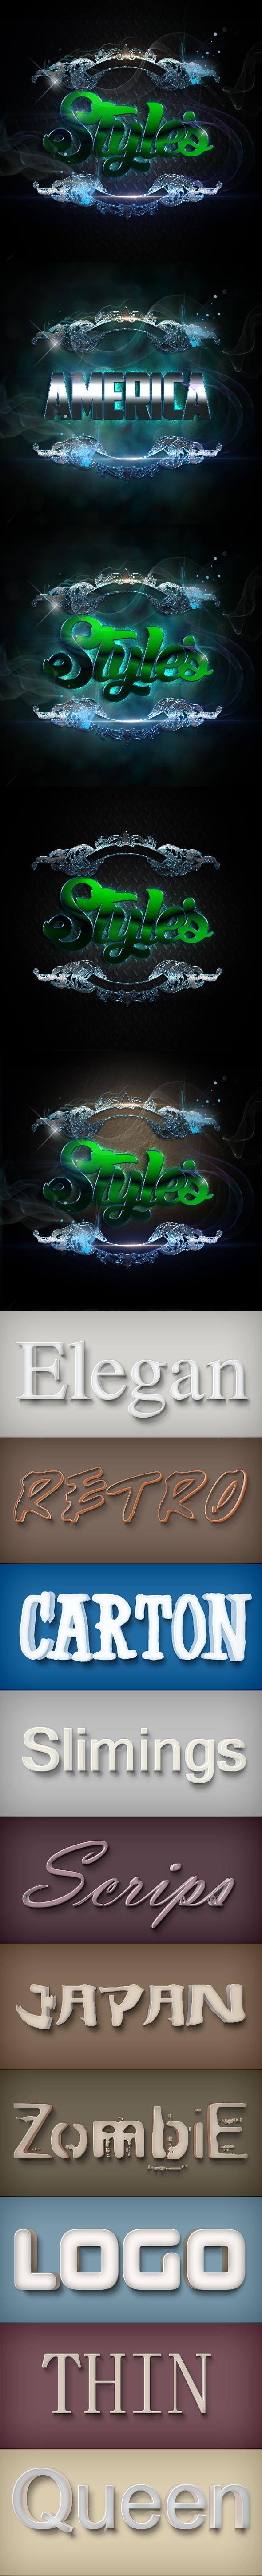 Elegant Styles Vol 003B - Styles Photoshop